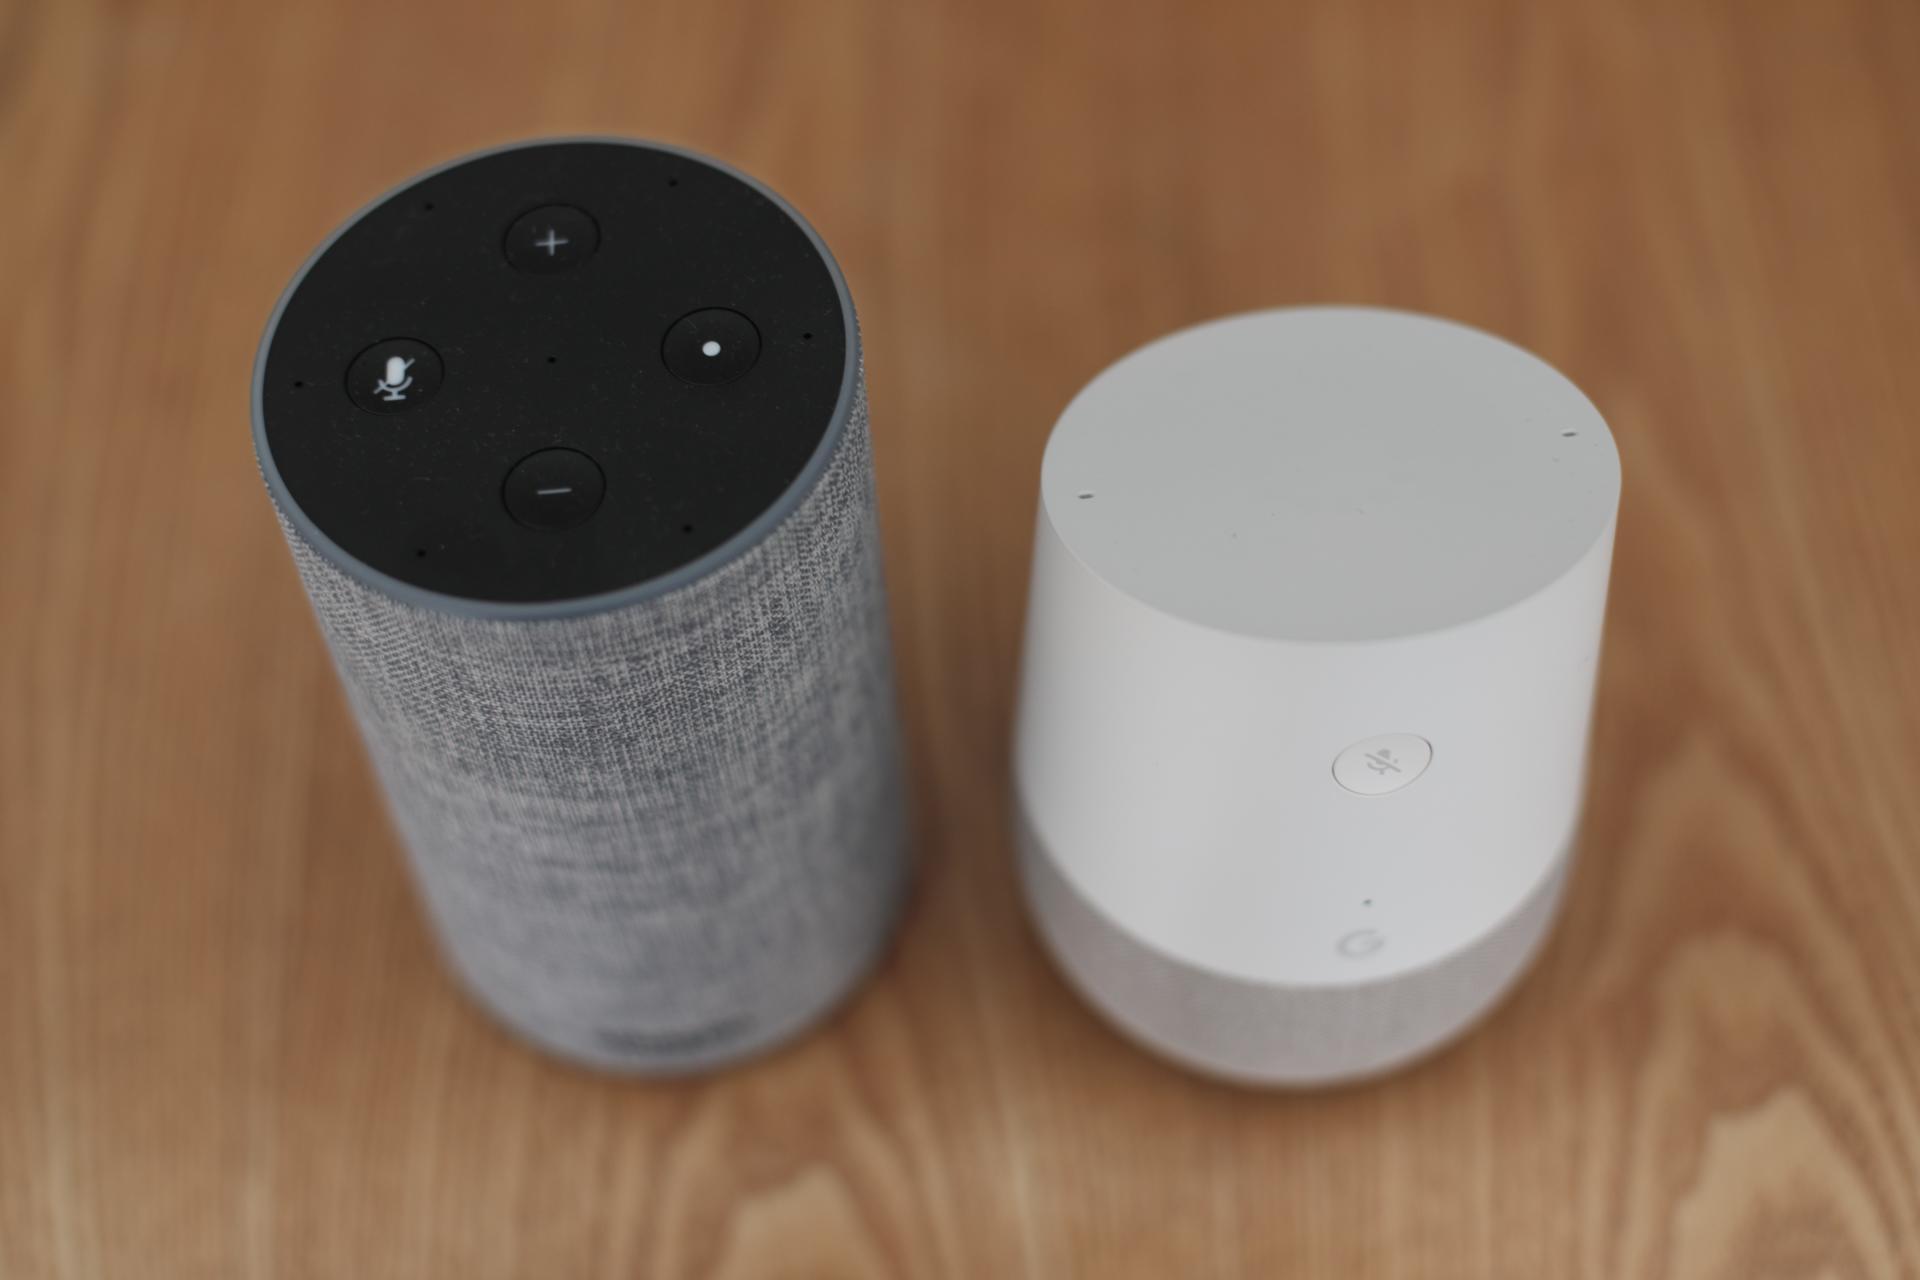 Ces deux enceintes disposent d'un bouton qui, selon leurs fabricants, permet de couper les microphones.